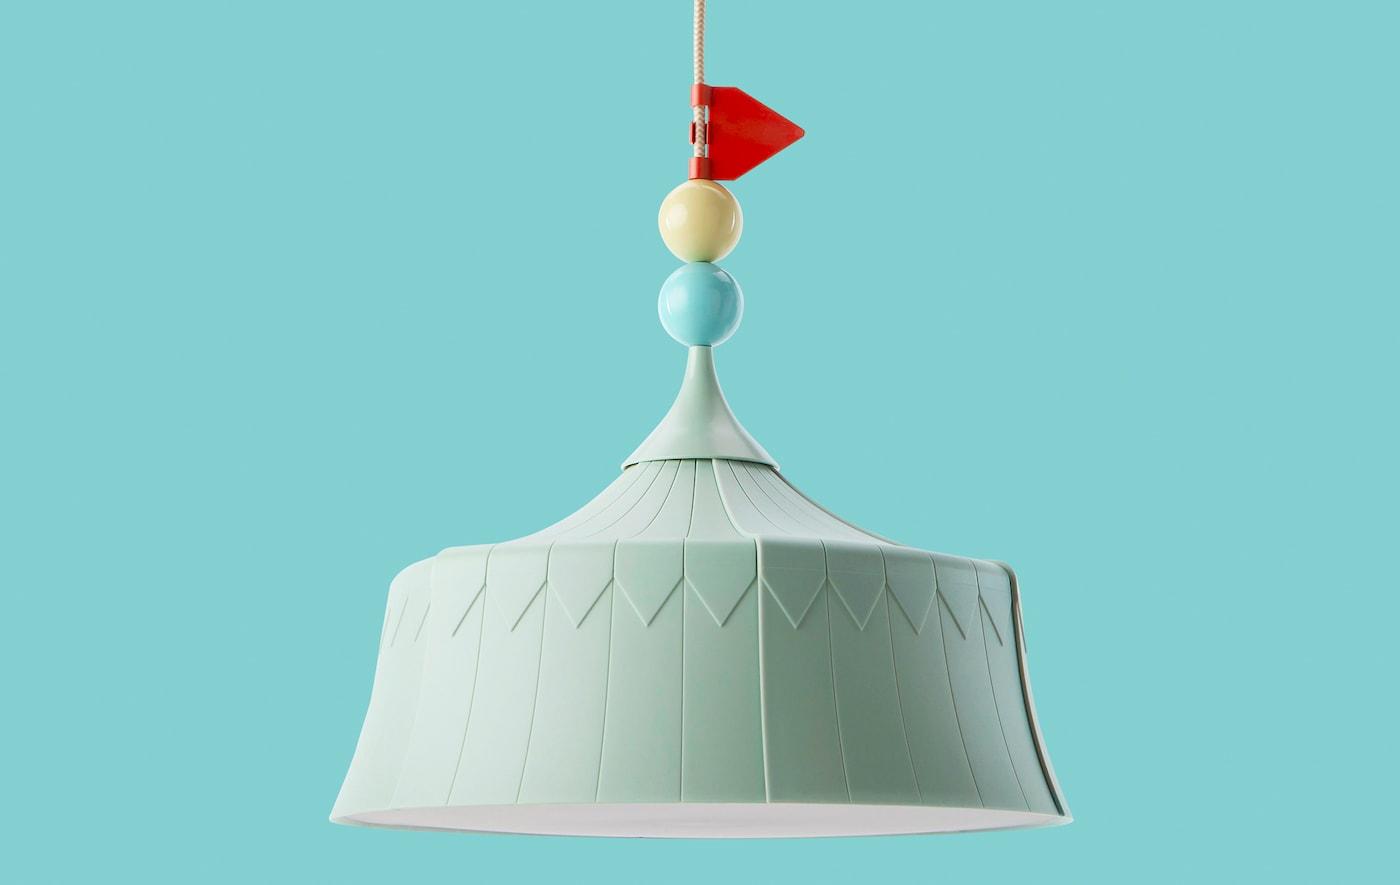 Una lámpara de techo verde con diseño de carpa de circo con fondo de color turquesa.